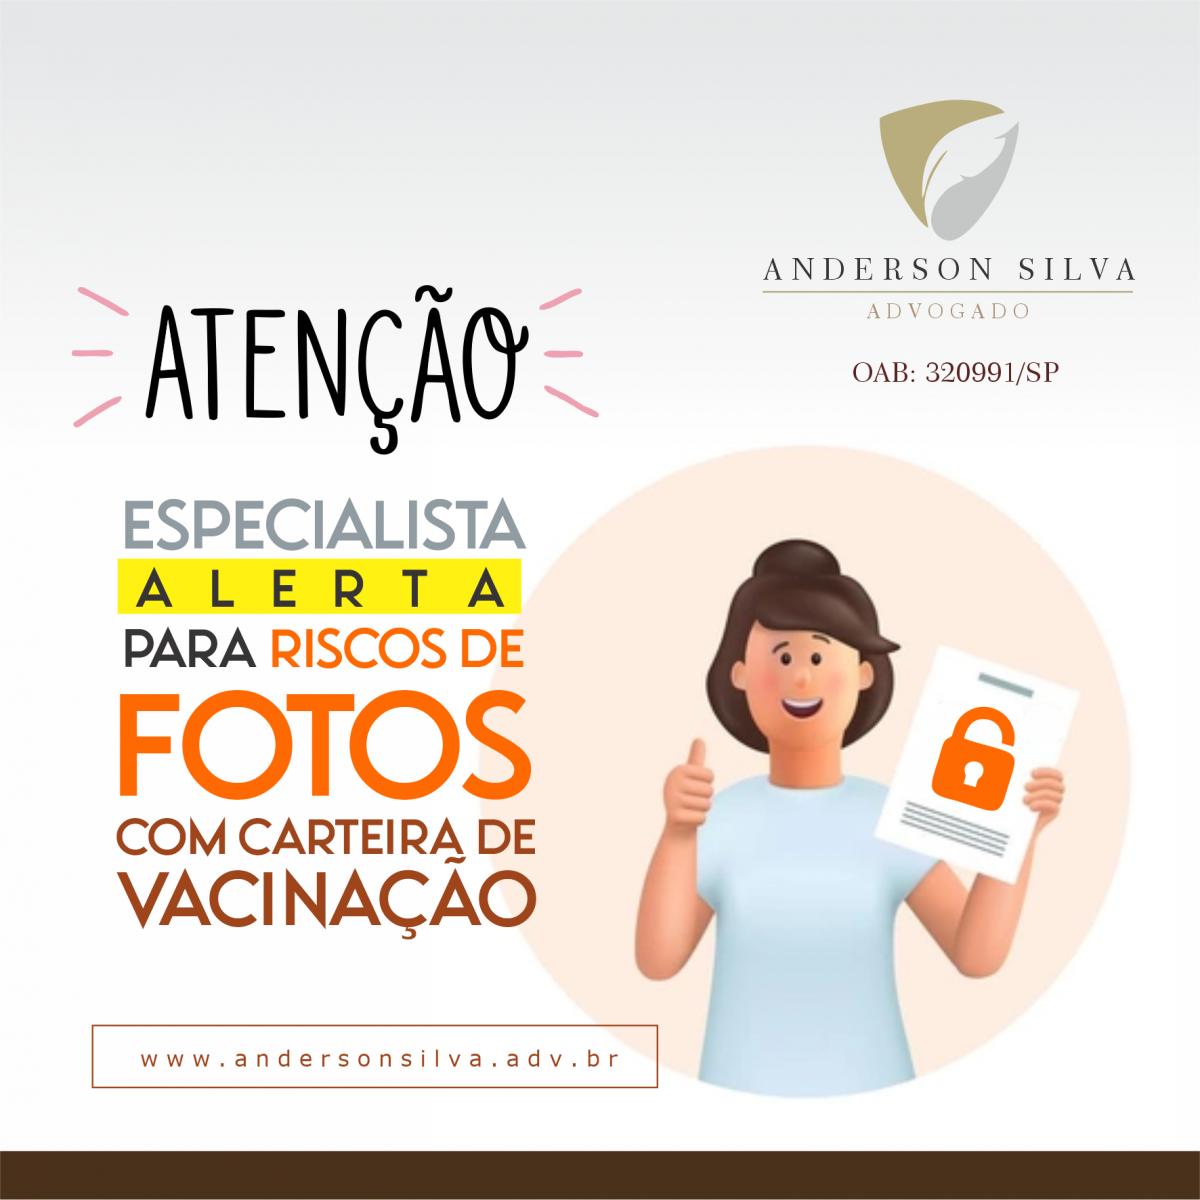 Especialista alerta para riscos de fotos com carteira de vacinação